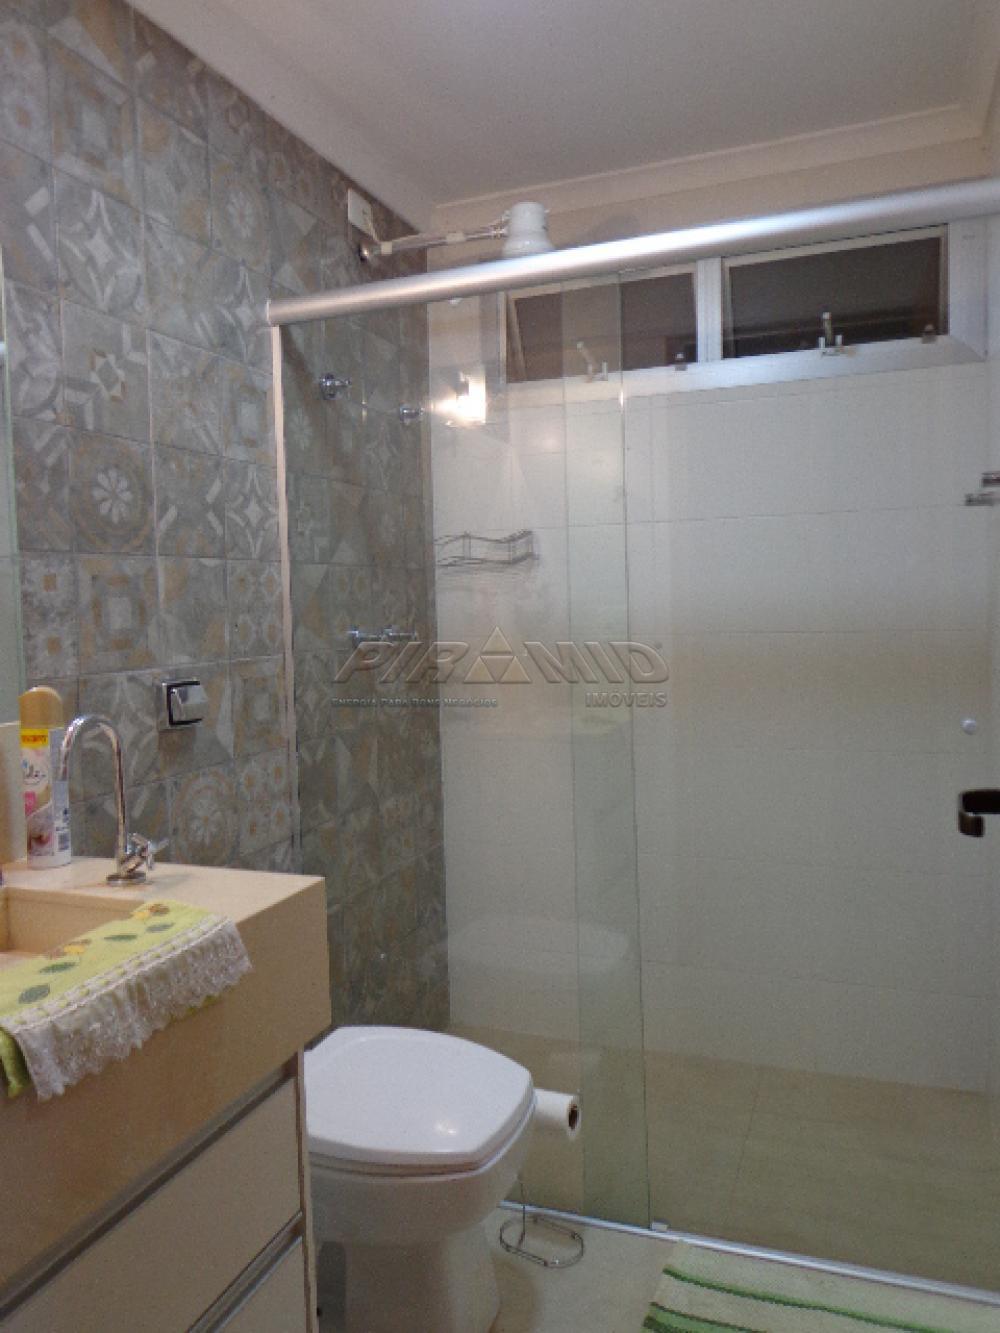 Comprar Apartamento / Padrão em Ribeirão Preto apenas R$ 450.000,00 - Foto 17